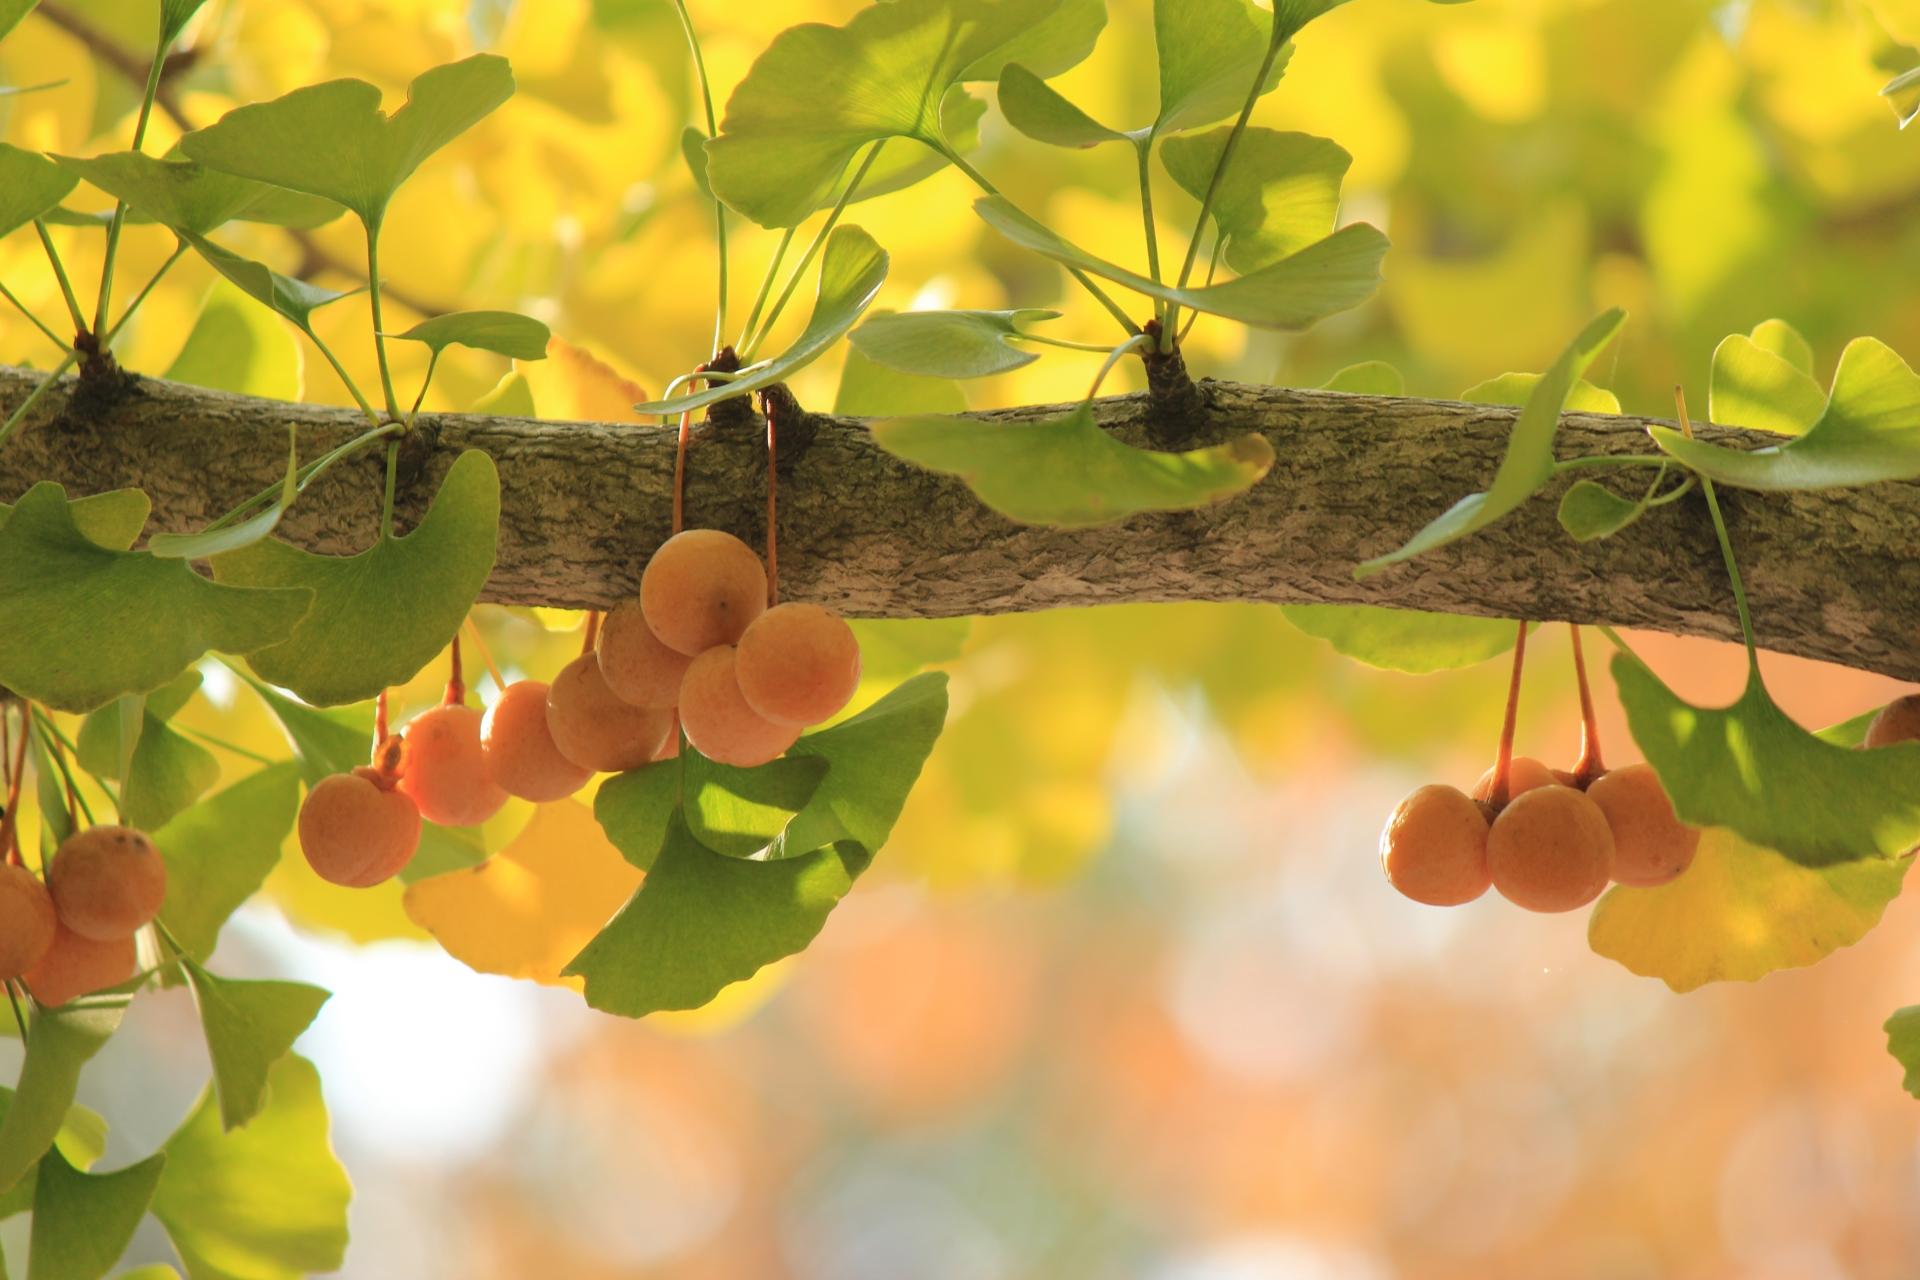 銀杏の収穫時期はいつ?拾い方や処理方法、イチョウの雄雌の見分け方